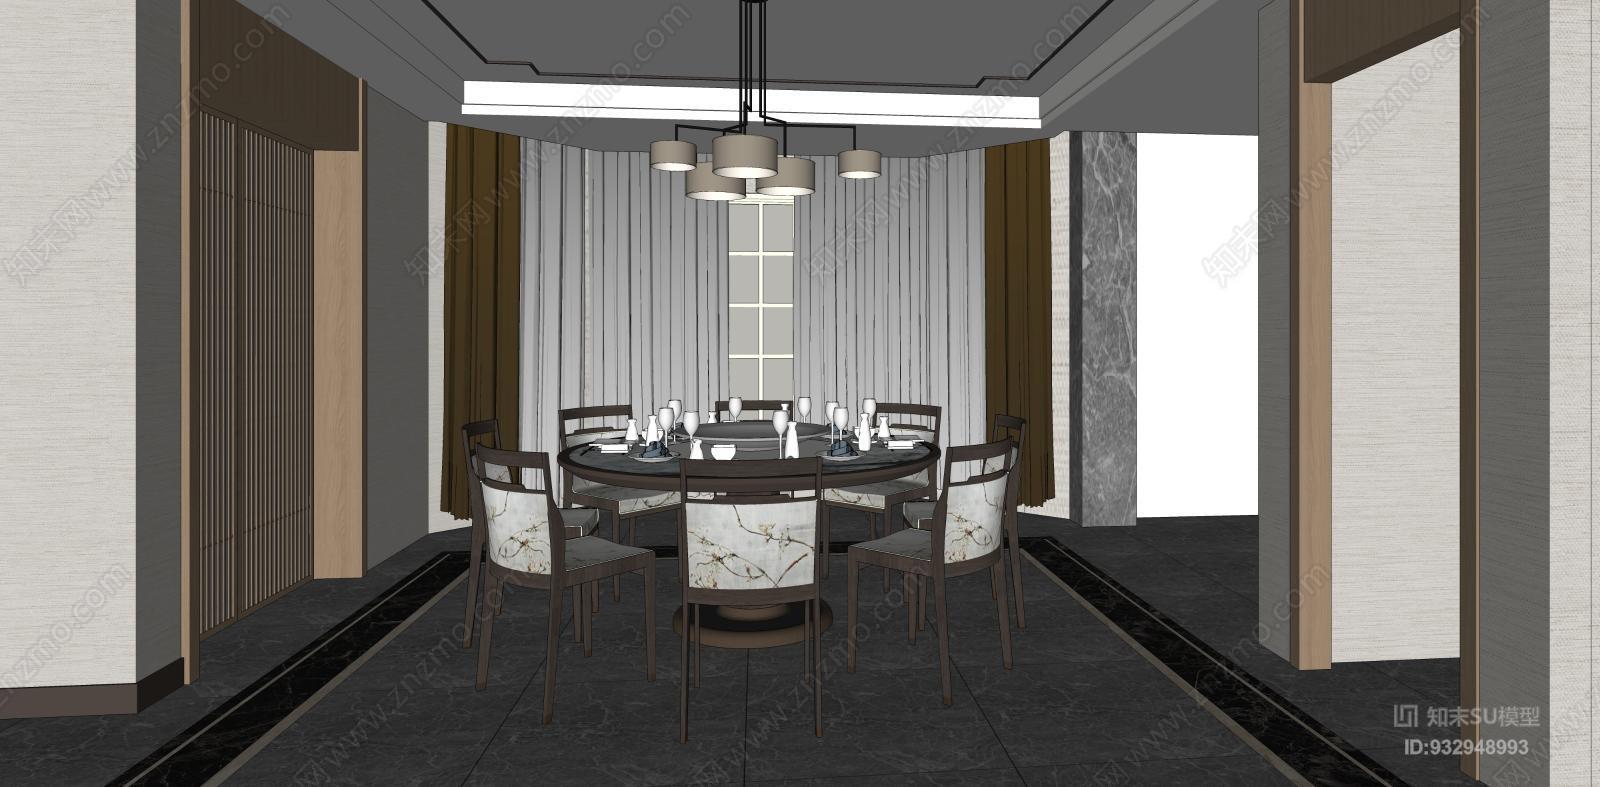 新中式别墅客厅 餐厅 装饰架 装饰画 中式隔断 吊灯